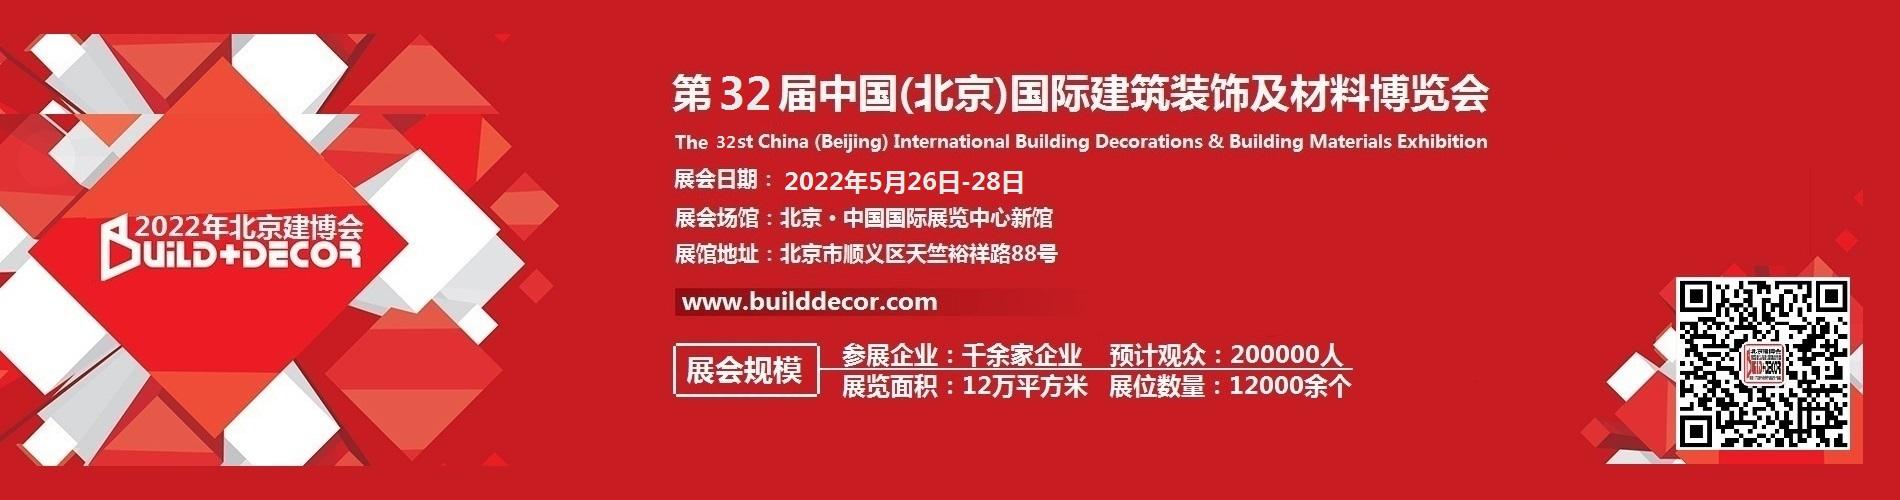 北京建博会-内页-1